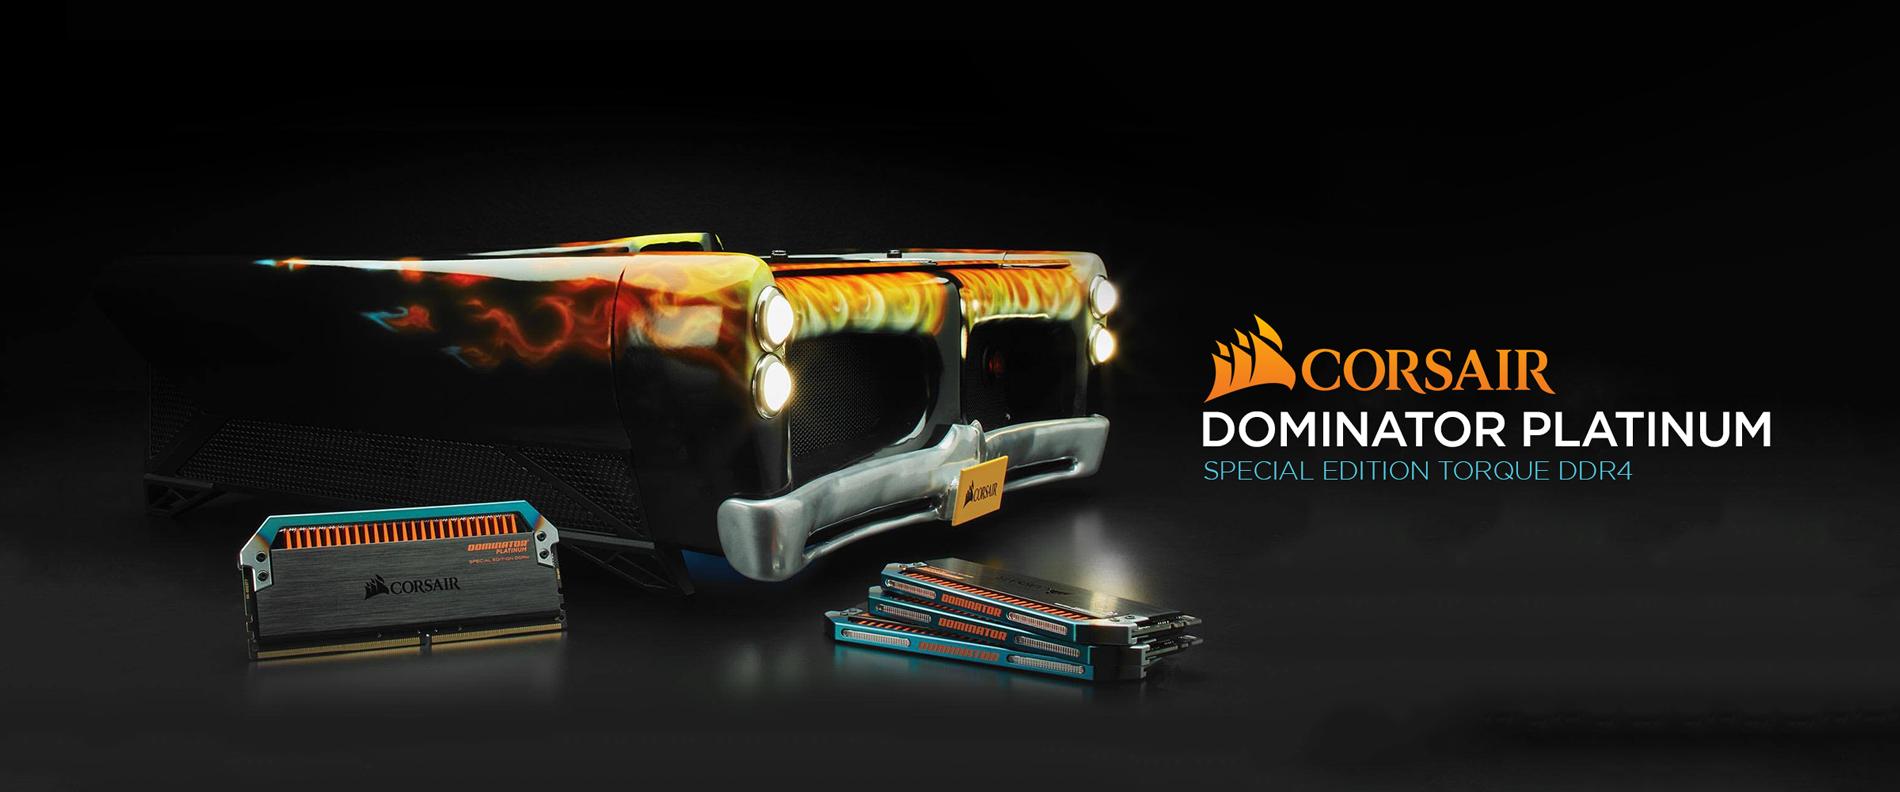 Corsair Dominator Platinum Torque DDR4 Memory